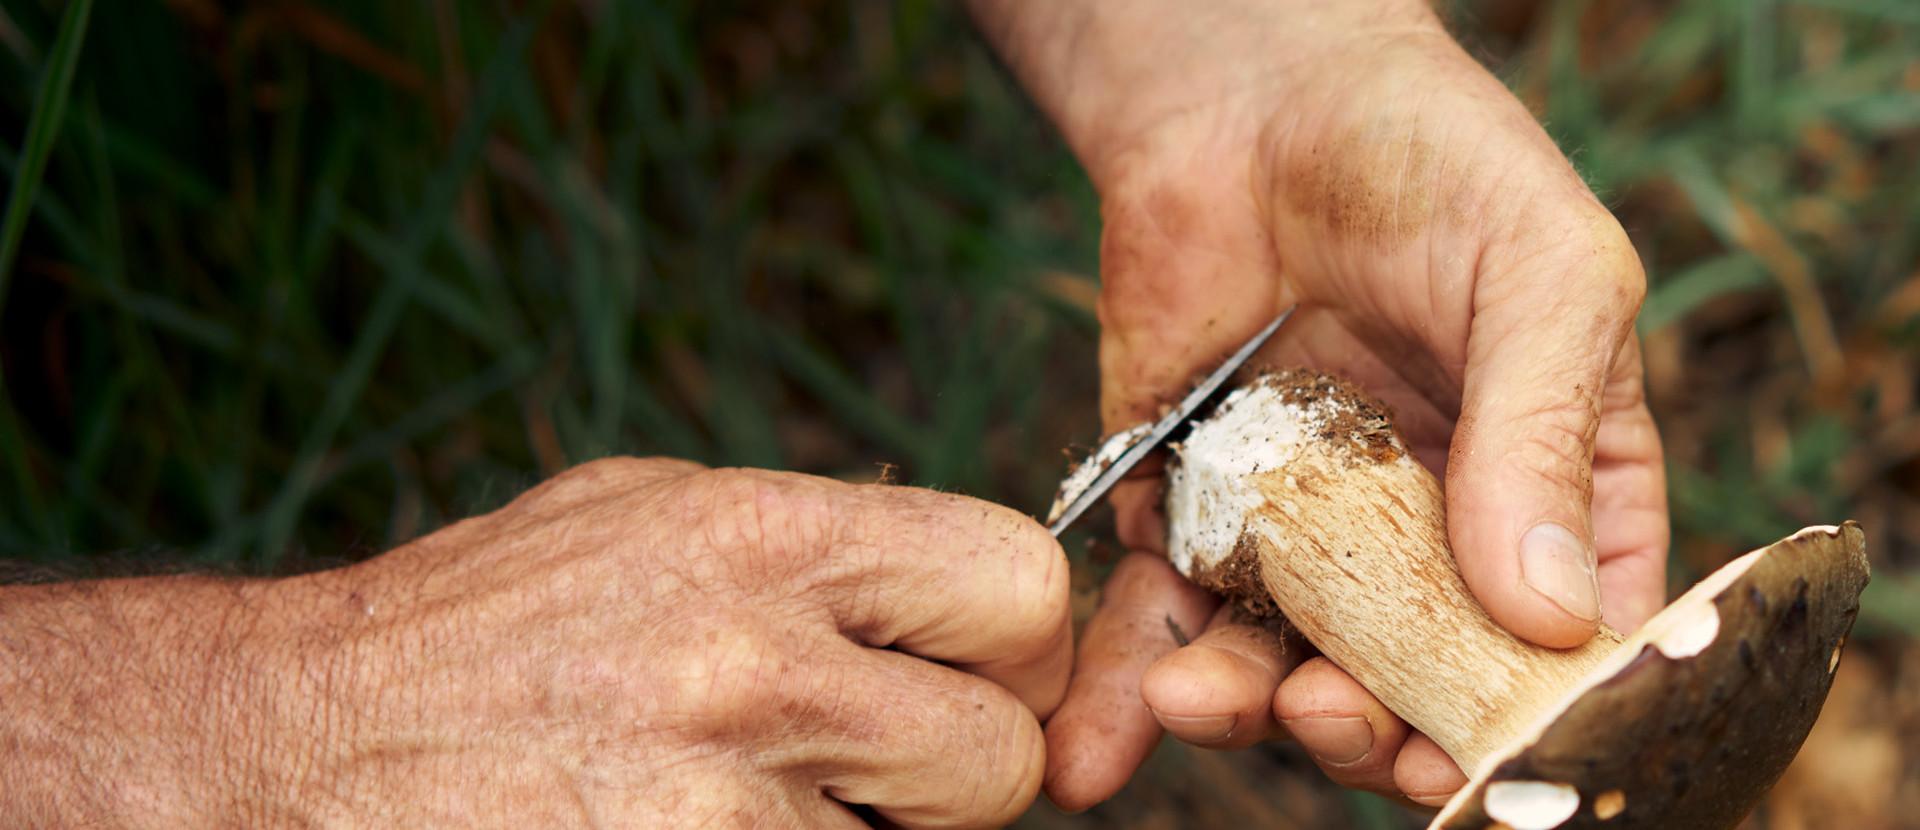 zwei Hände schneiden einen Pilz